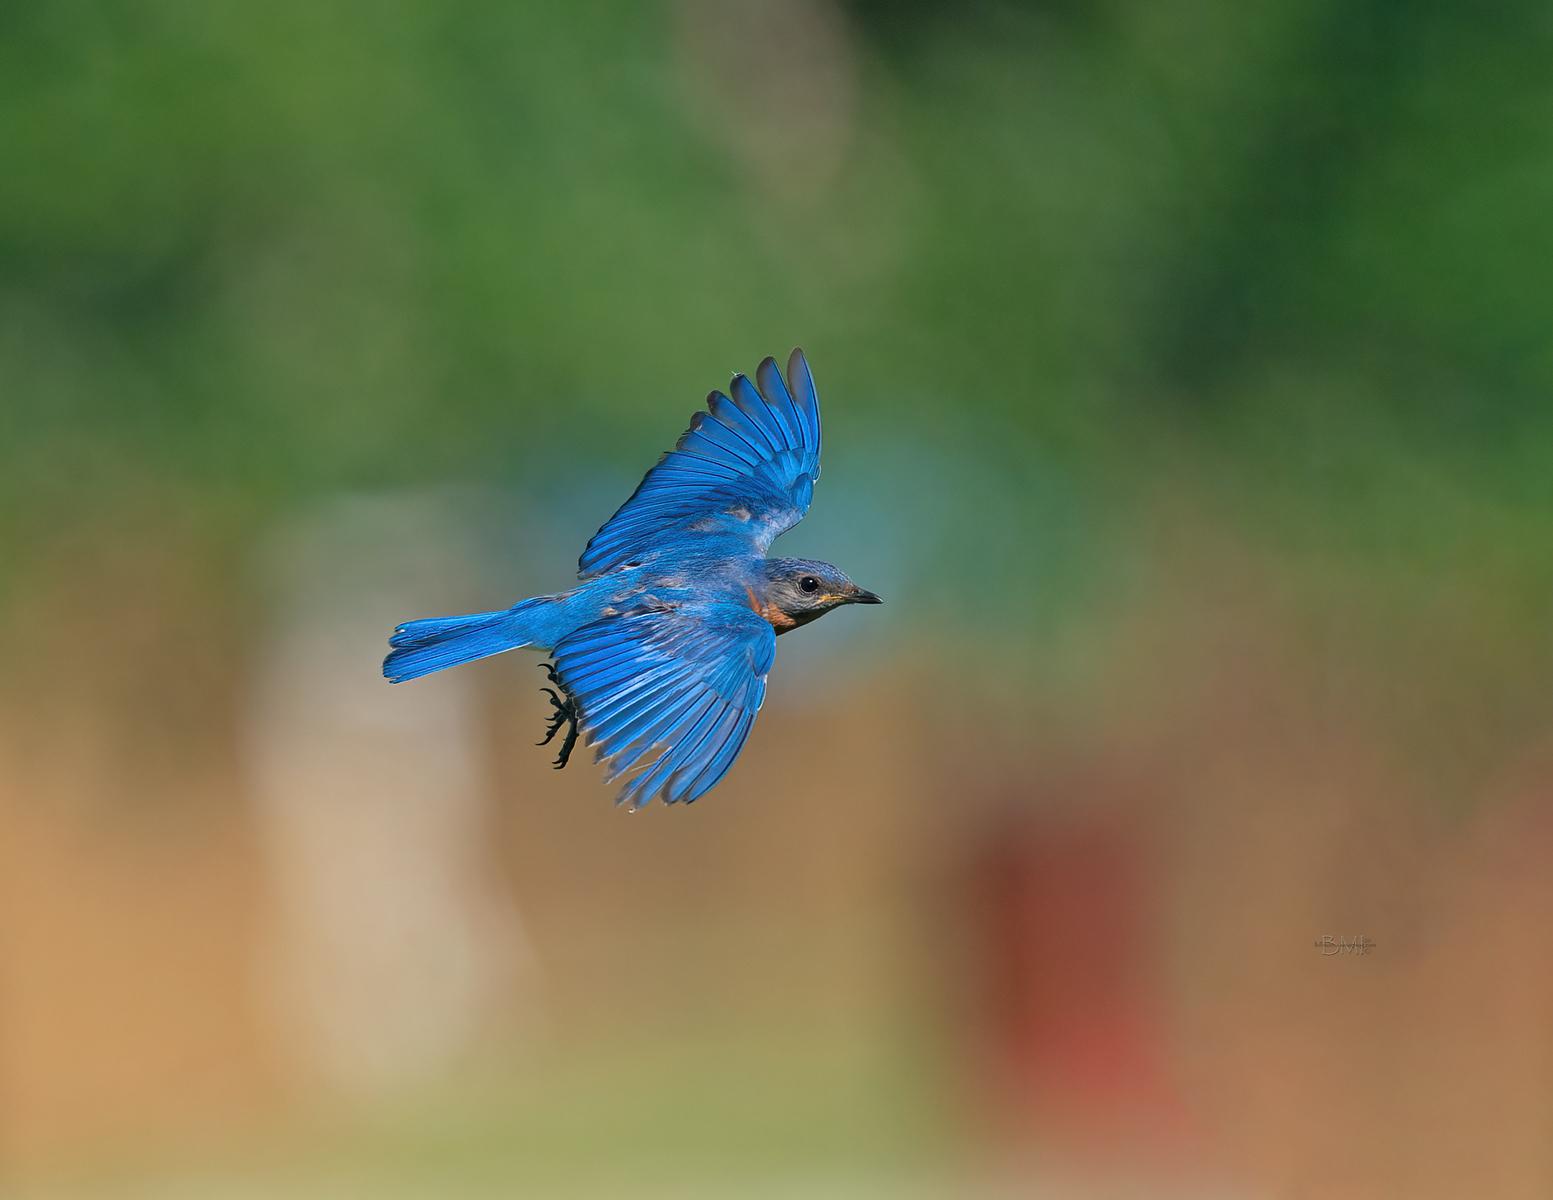 IMAGE: https://photos.smugmug.com/Beautyinthetreesandintheair/Eastern-bluebirds-Spring-2020/i-WkHMts4/0/1b209f3d/X3/Eastern%20bluebird_9_6-6-2020-111-X3.jpg